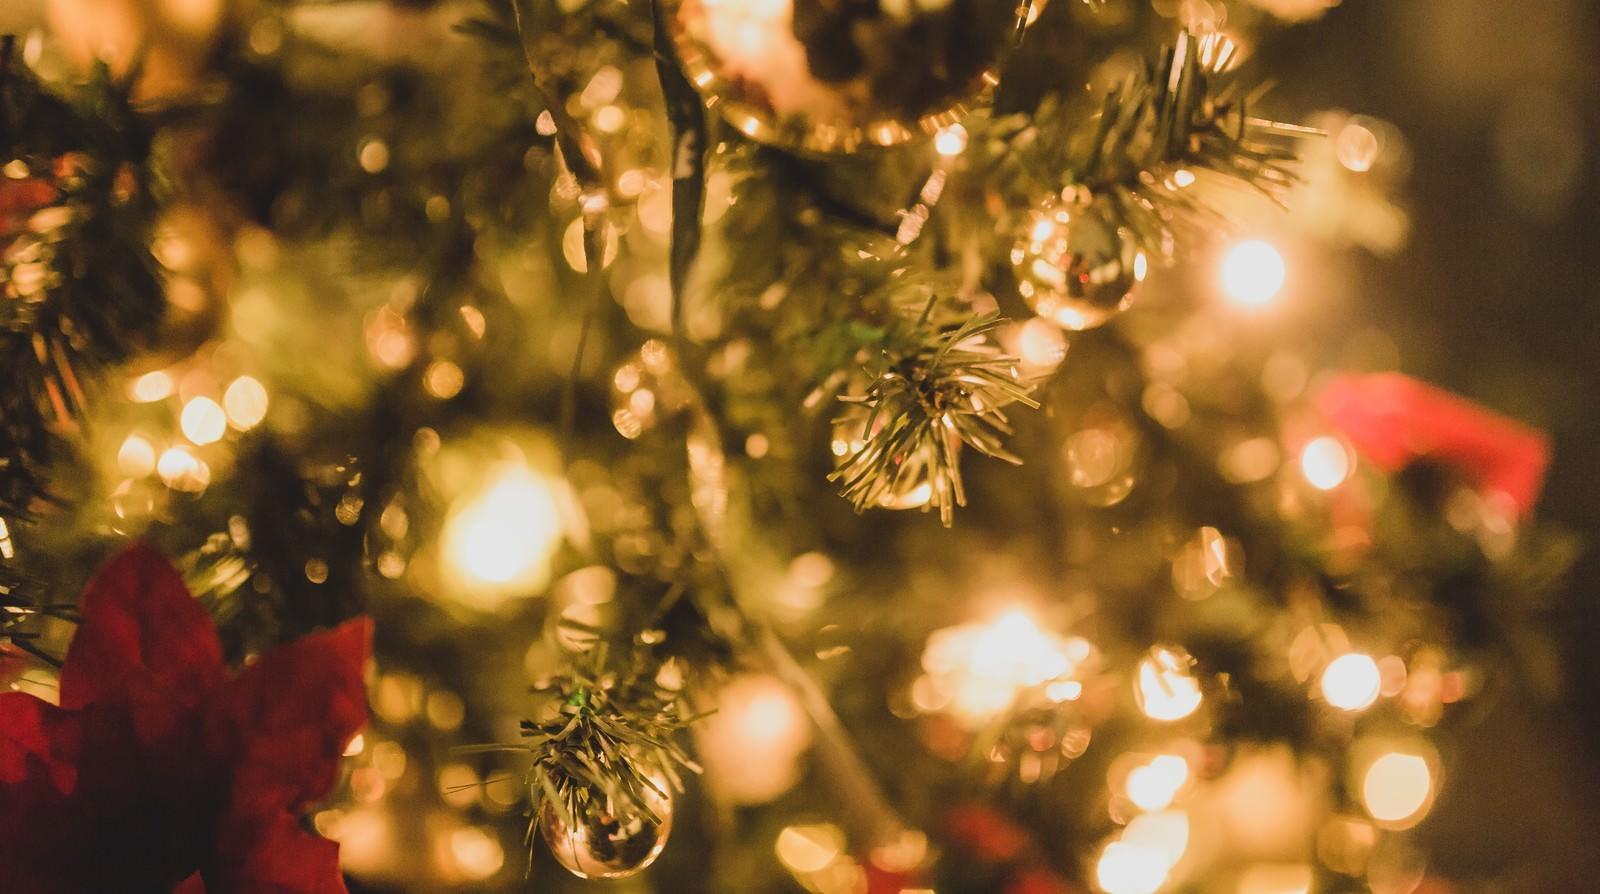 クリスマスツリーと装飾無料の写真素材はフリー素材のぱくたそ